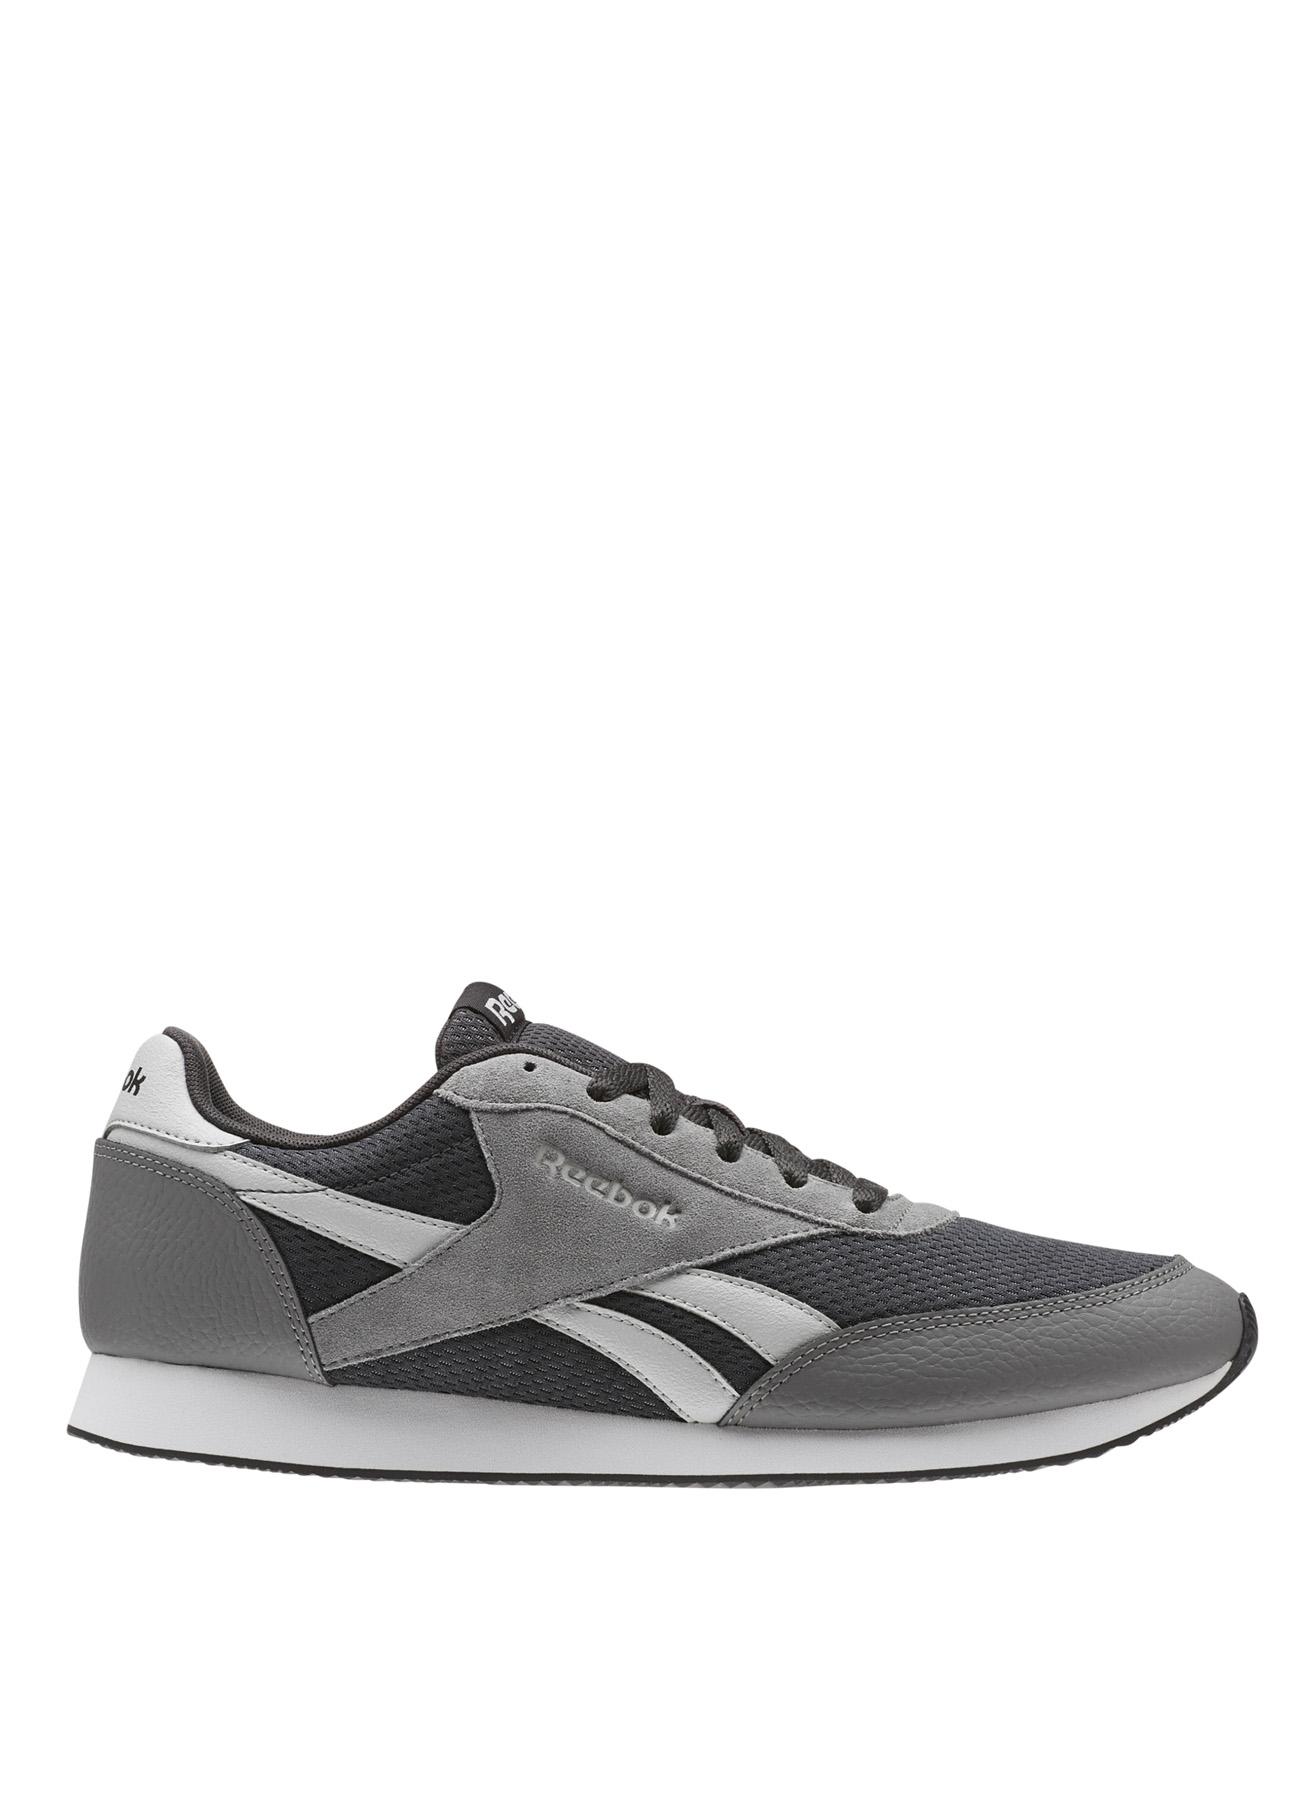 Reebok Royal CL Jogger 2 Lıfestyle Ayakkabı 42 5001633207004 Ürün Resmi